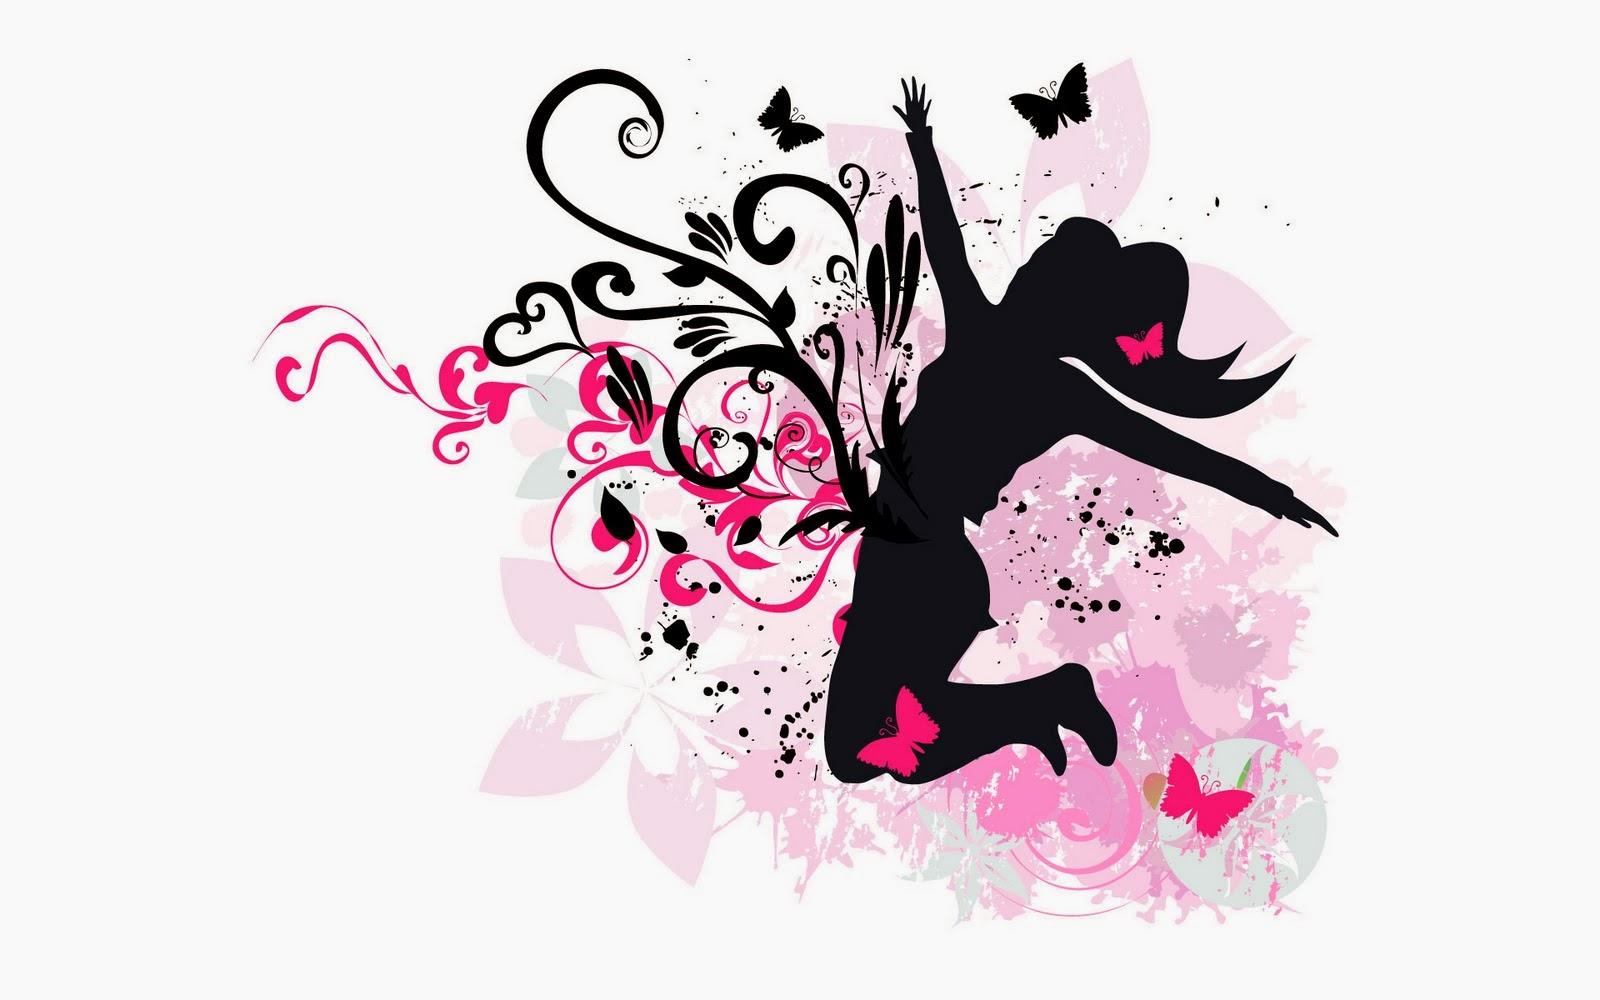 Pink Music Wallpaper: Music Wallpapers : World Top Best HD Desktop Wallpapers